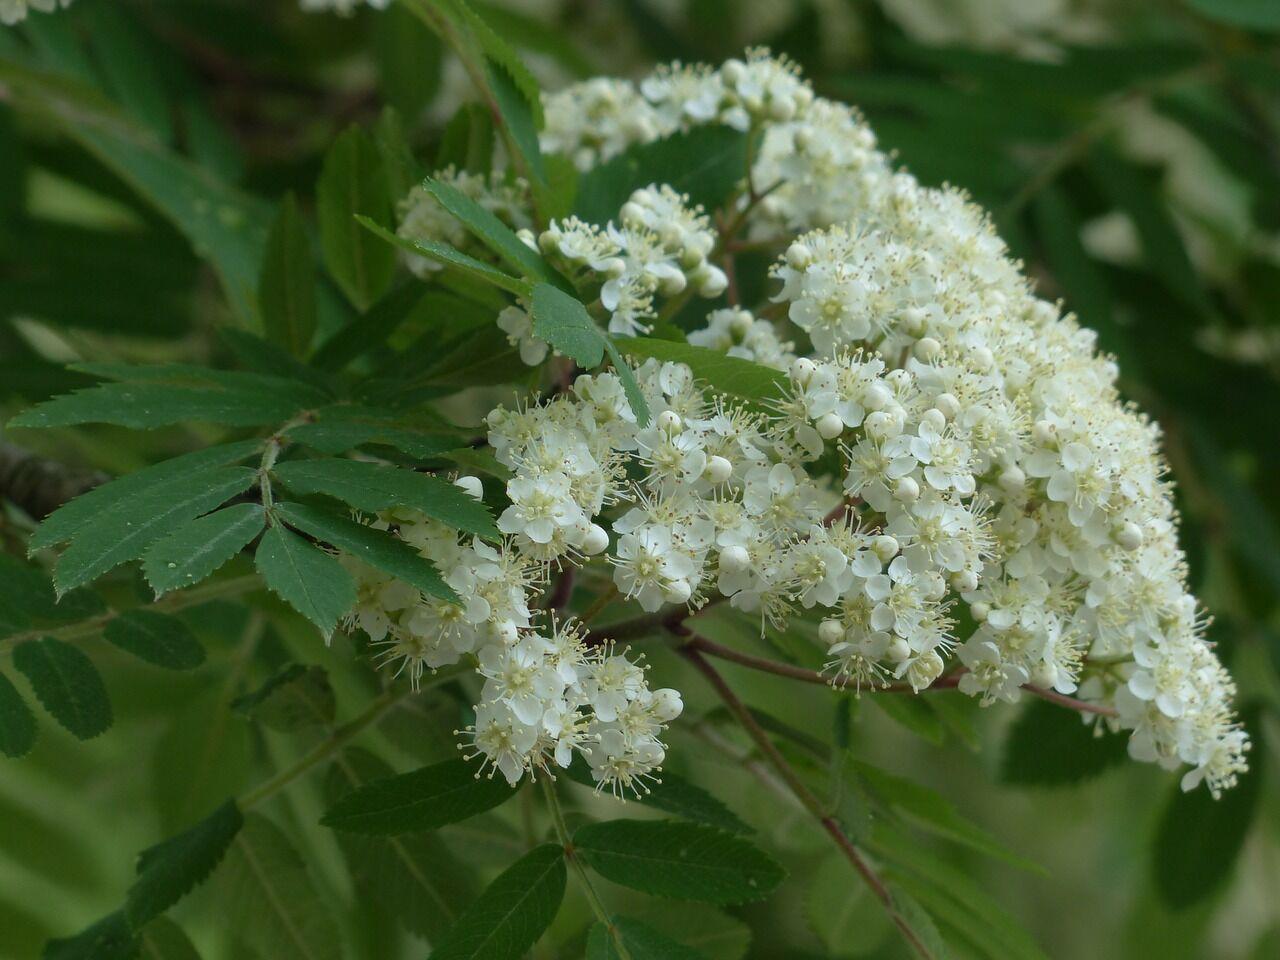 Епифанов день также известен как Рябиновка: в праздник обычно цветет рябина